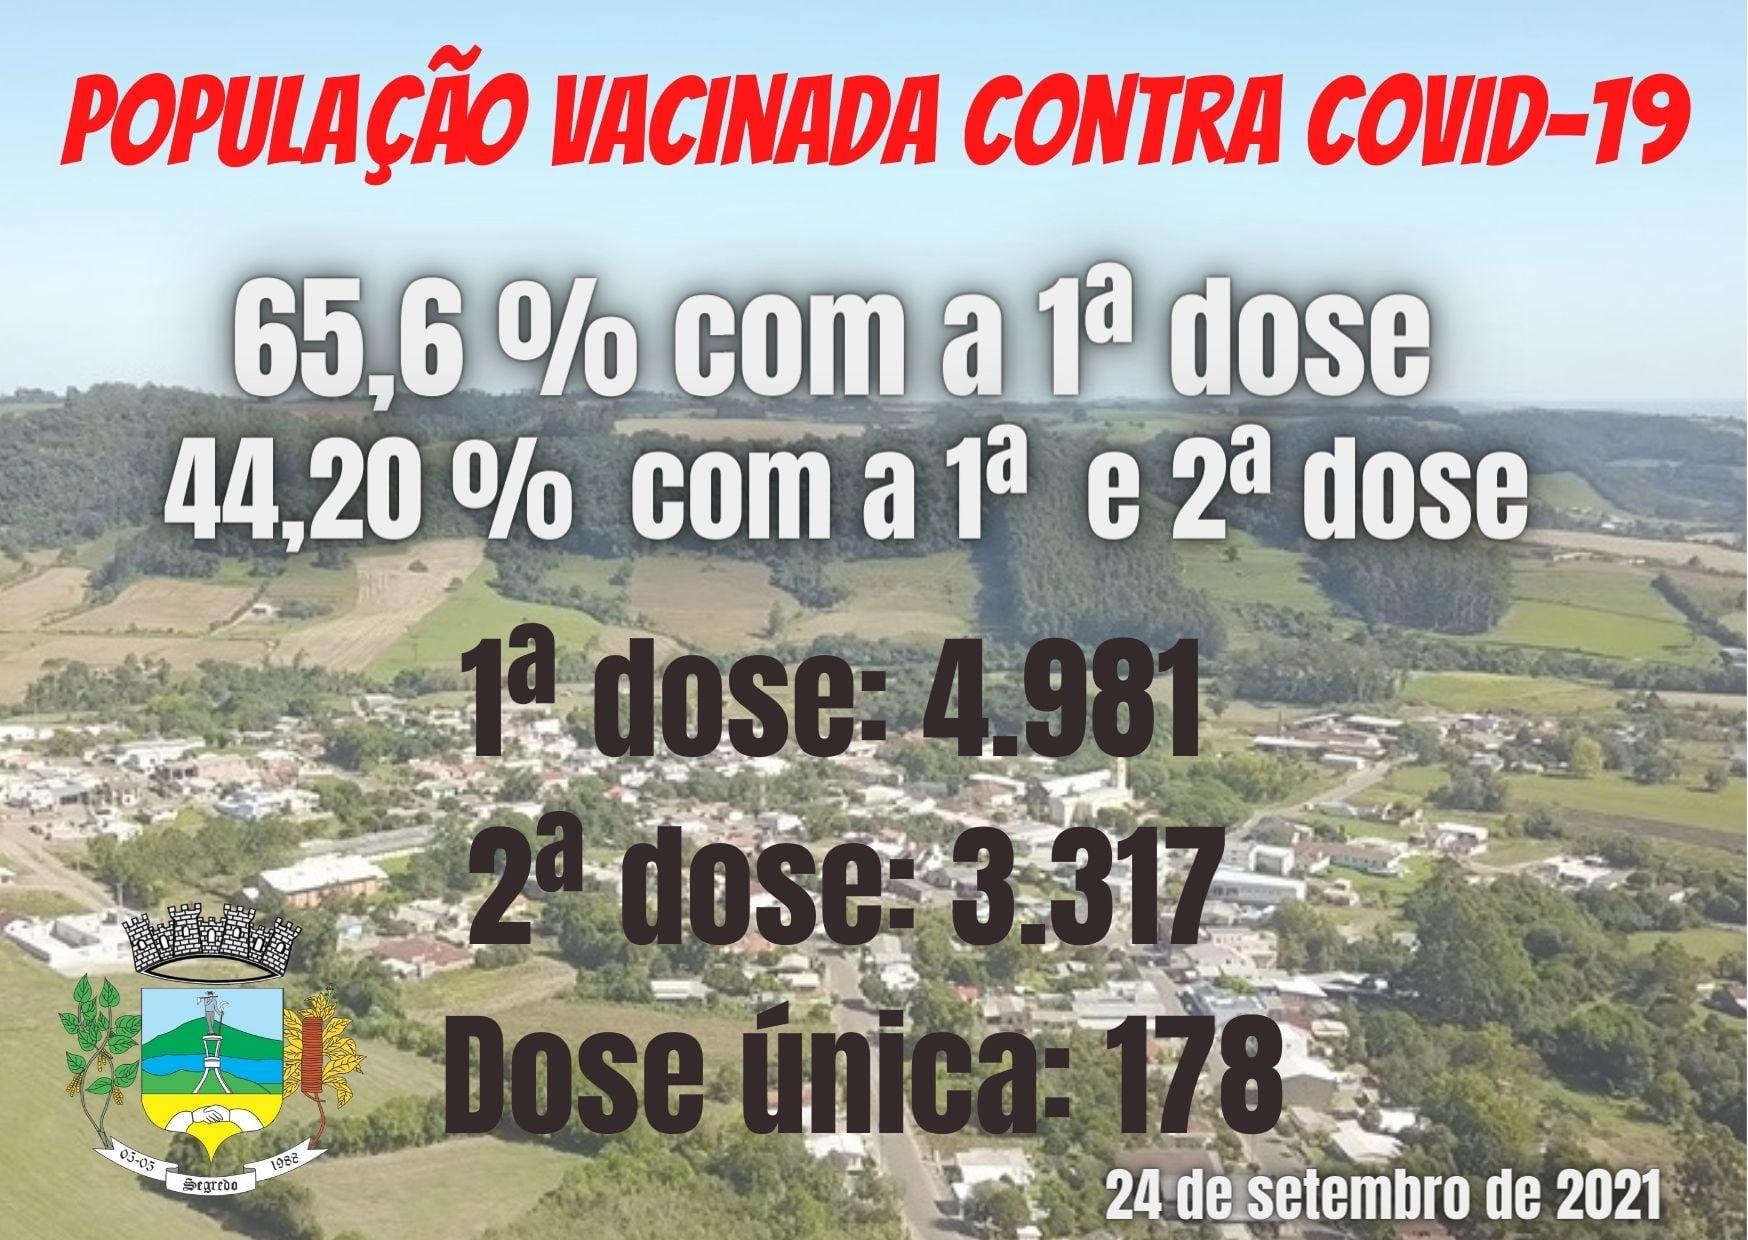 Segredo vacinou 65,6% da população com a primeira dose da Covid-19